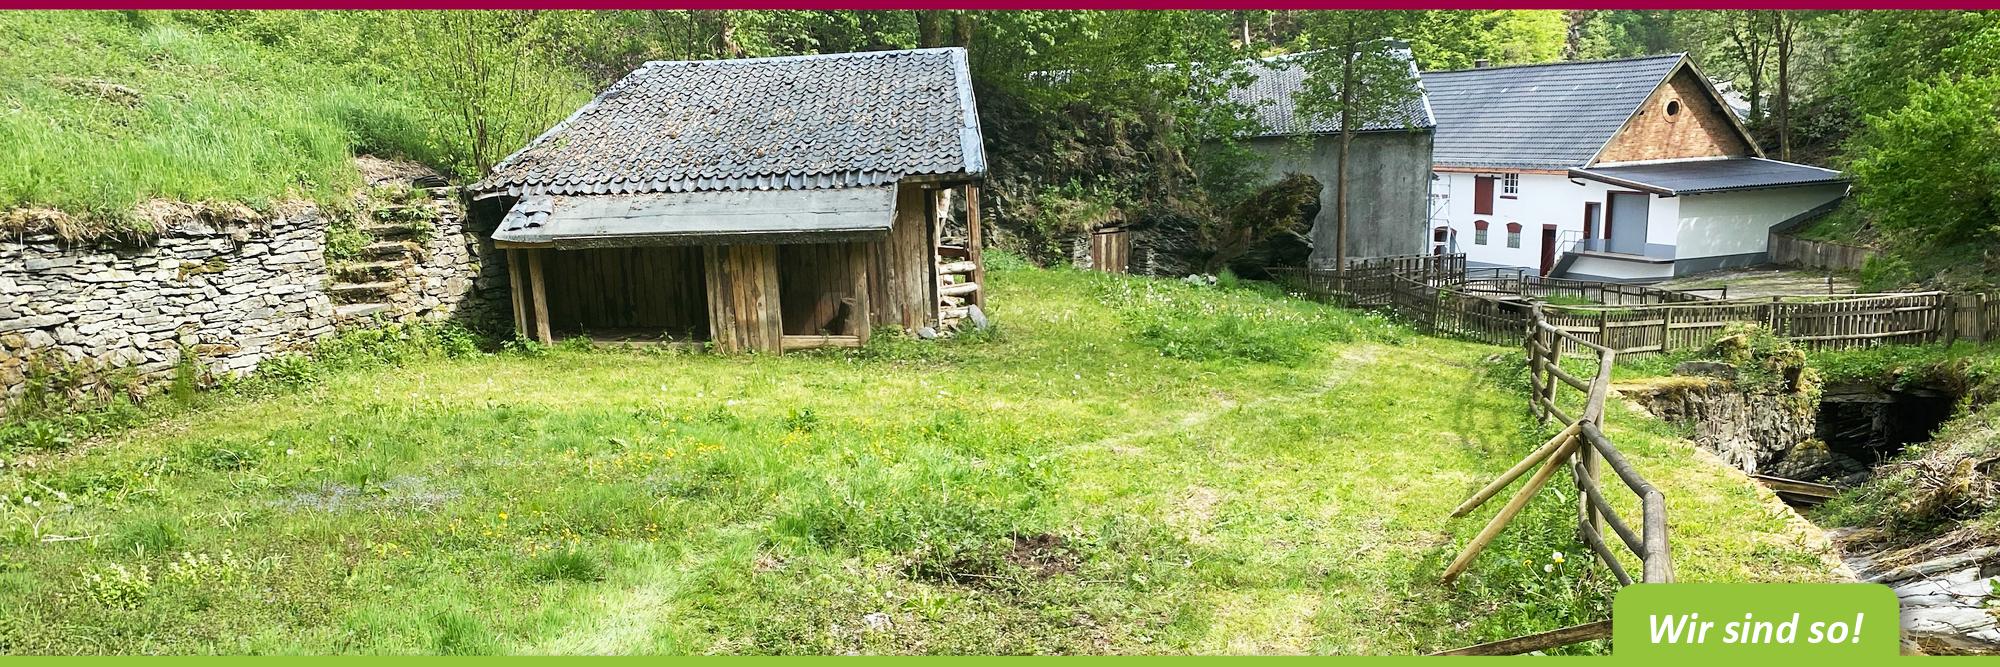 flotte-eifel-besen.de – Entrümpeln in Monschau